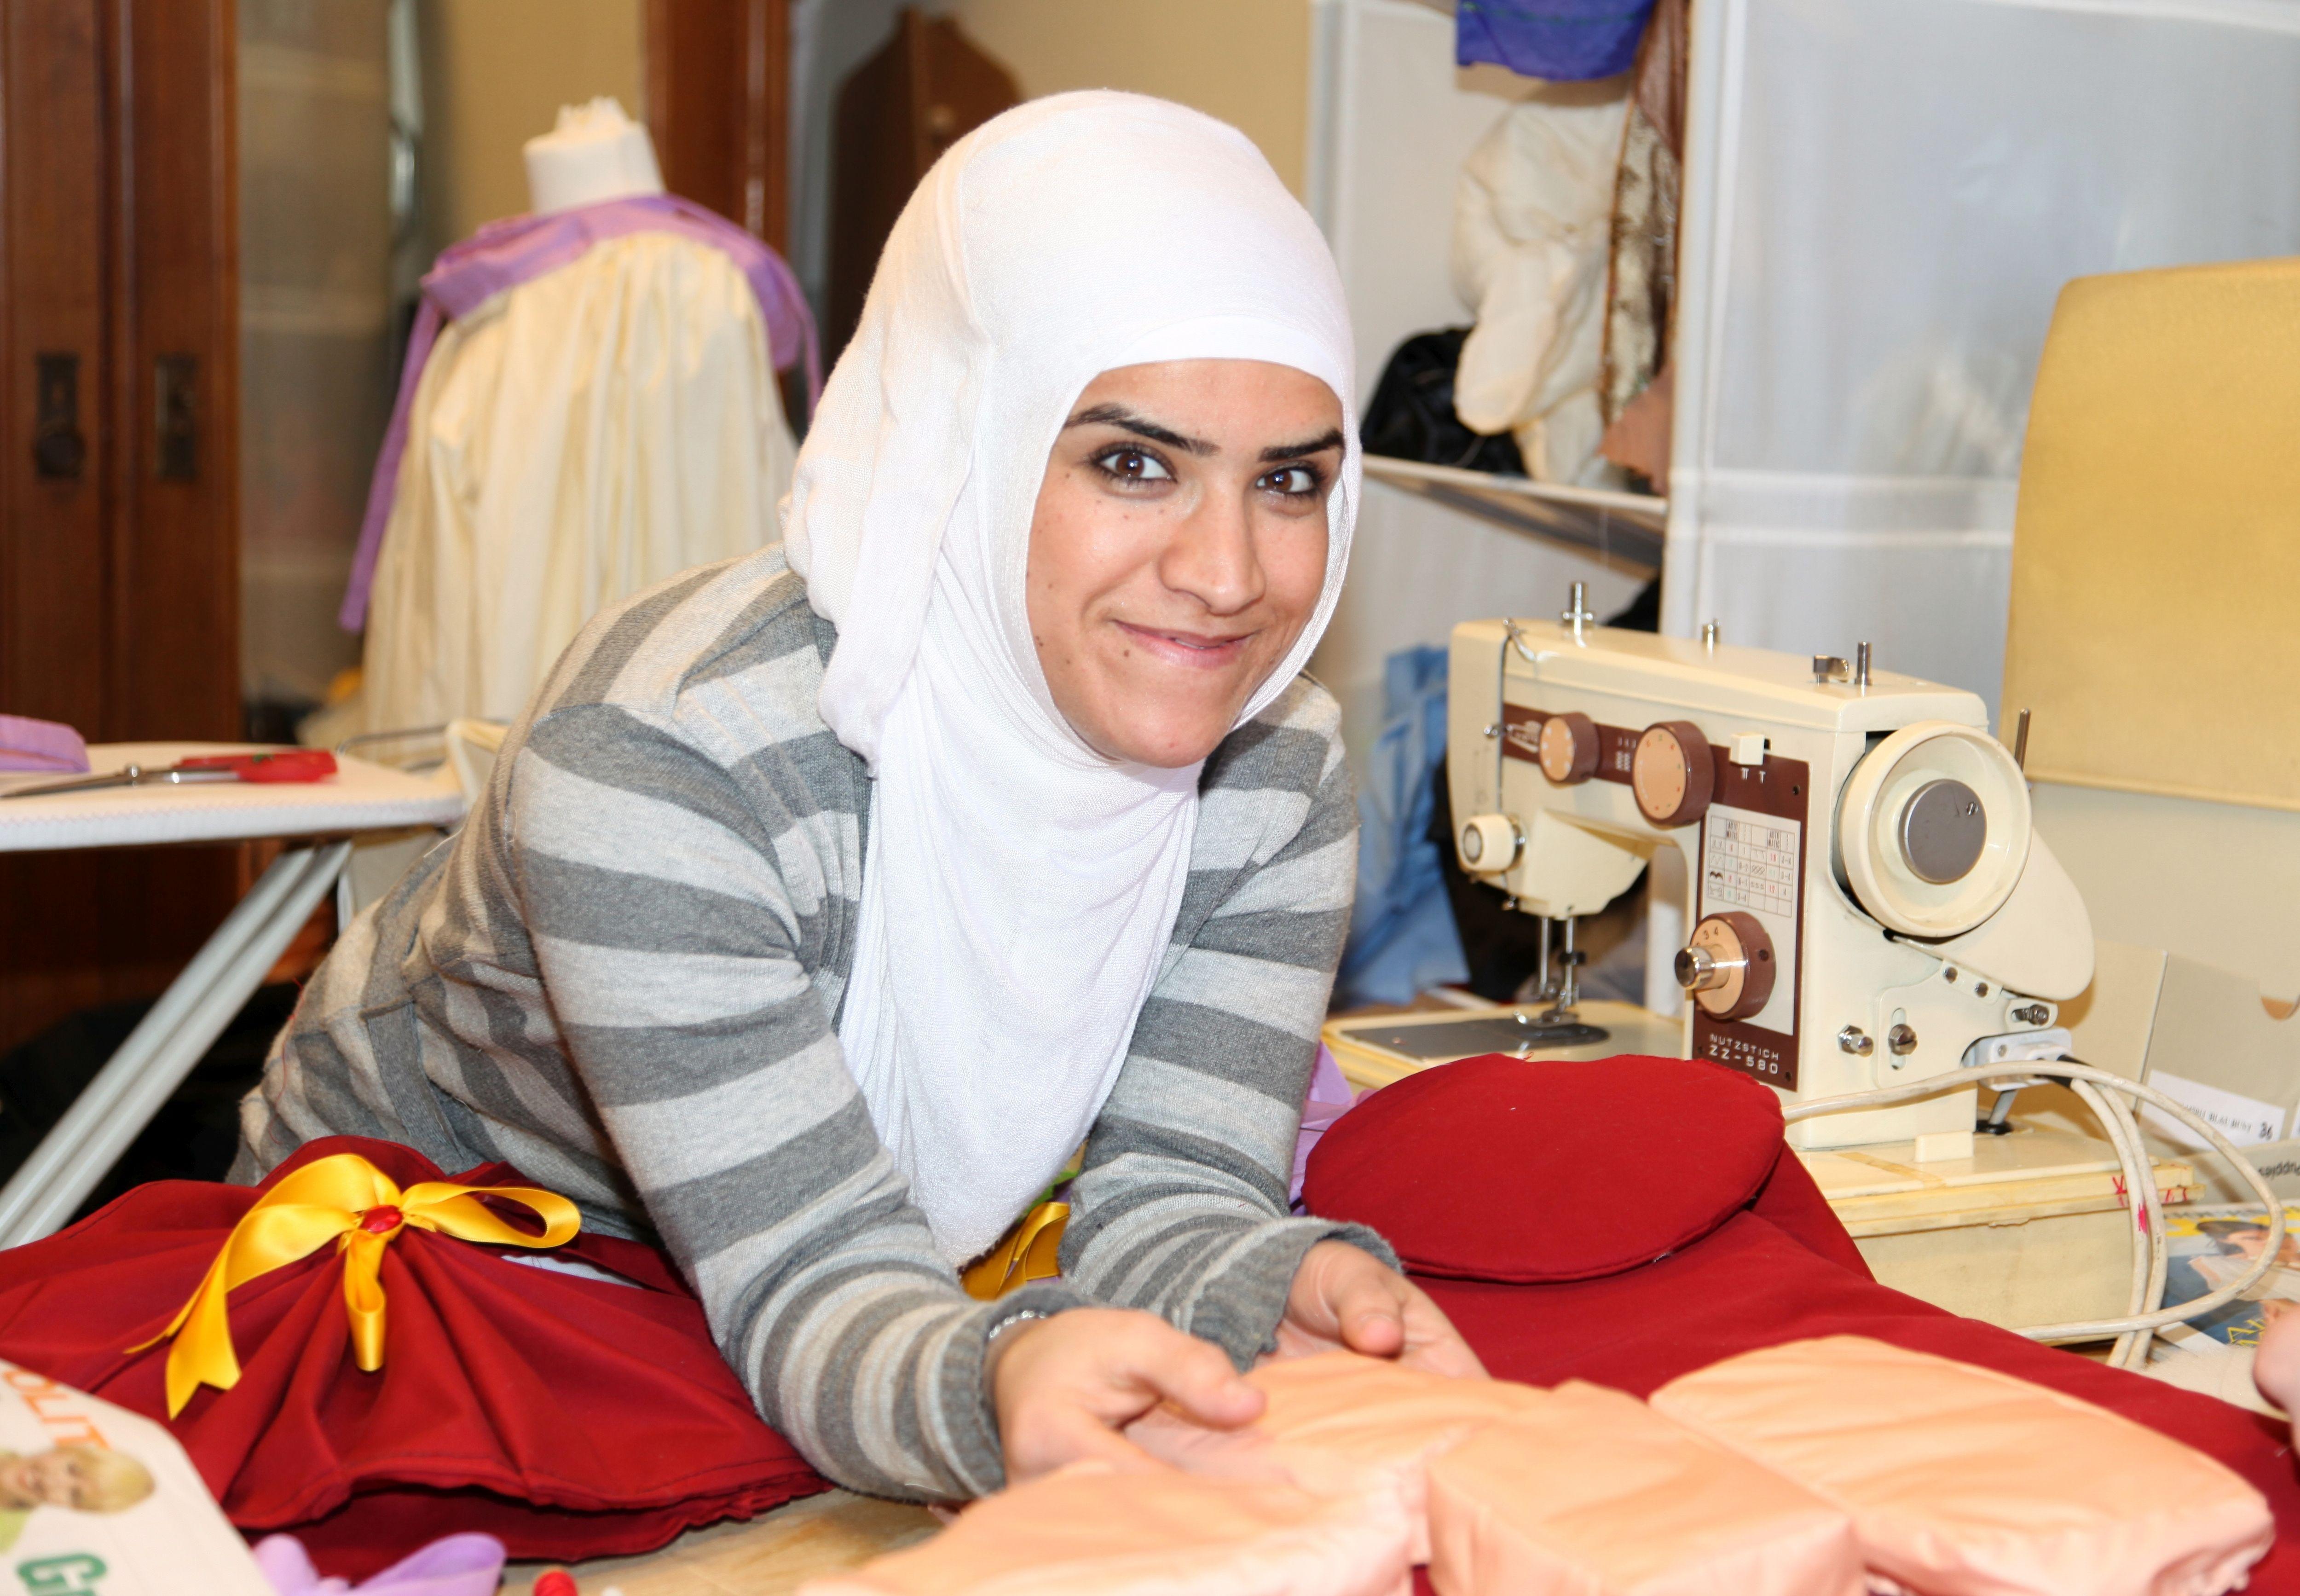 02.11.16 | Arrivo startet Praxisprojekt für geflüchtete Frauen